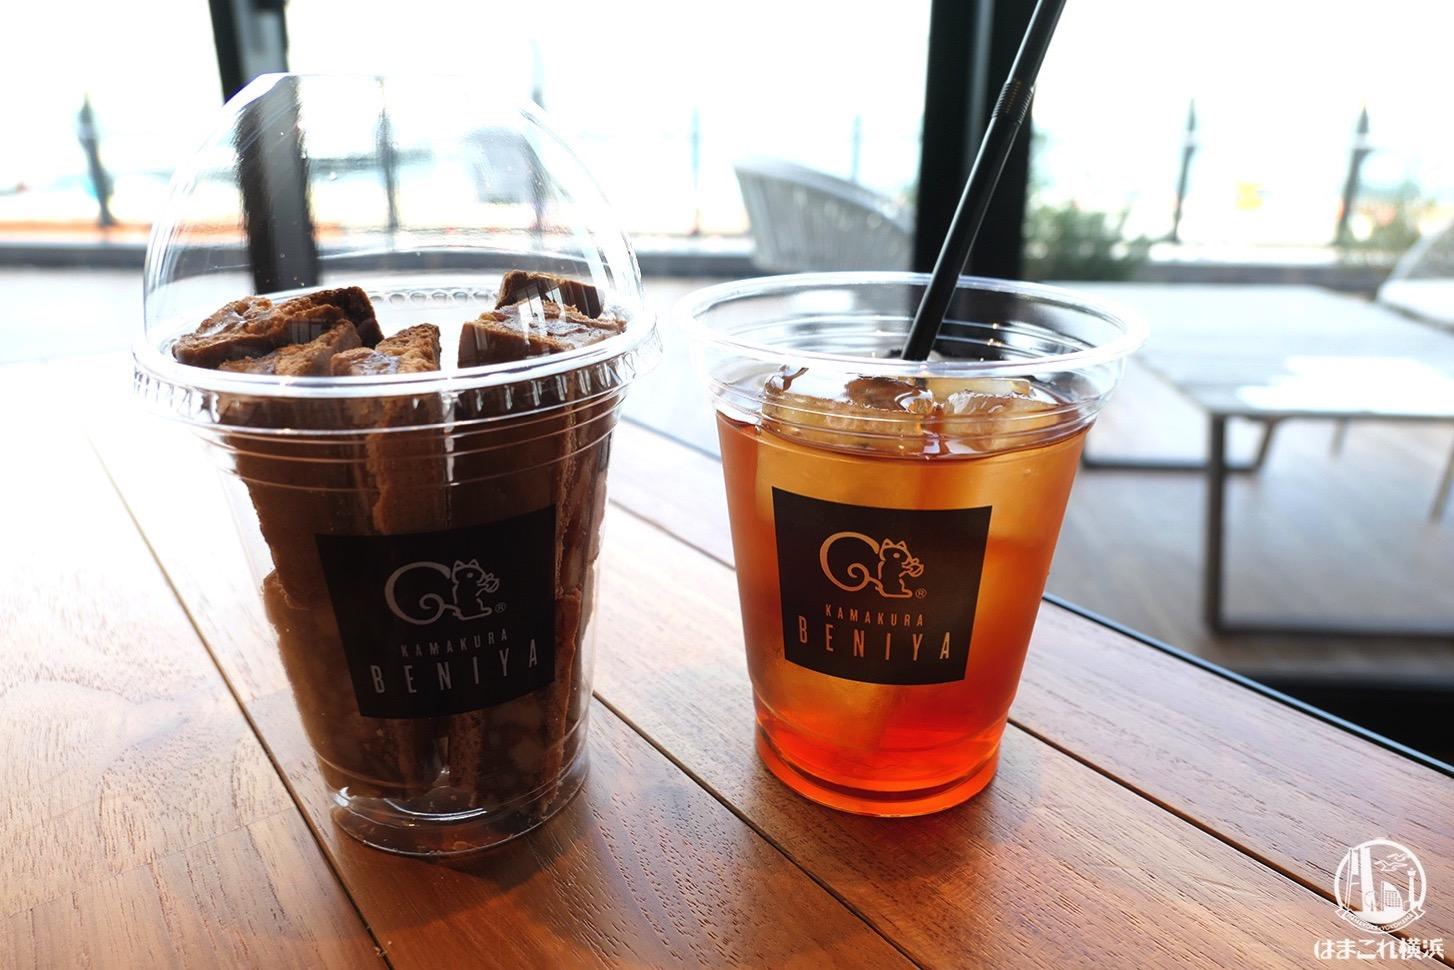 """クルミッ子ファクトリーのカフェで""""切り落とし""""だらけのクルミミカップ堪能!横浜ハンマーヘッド"""